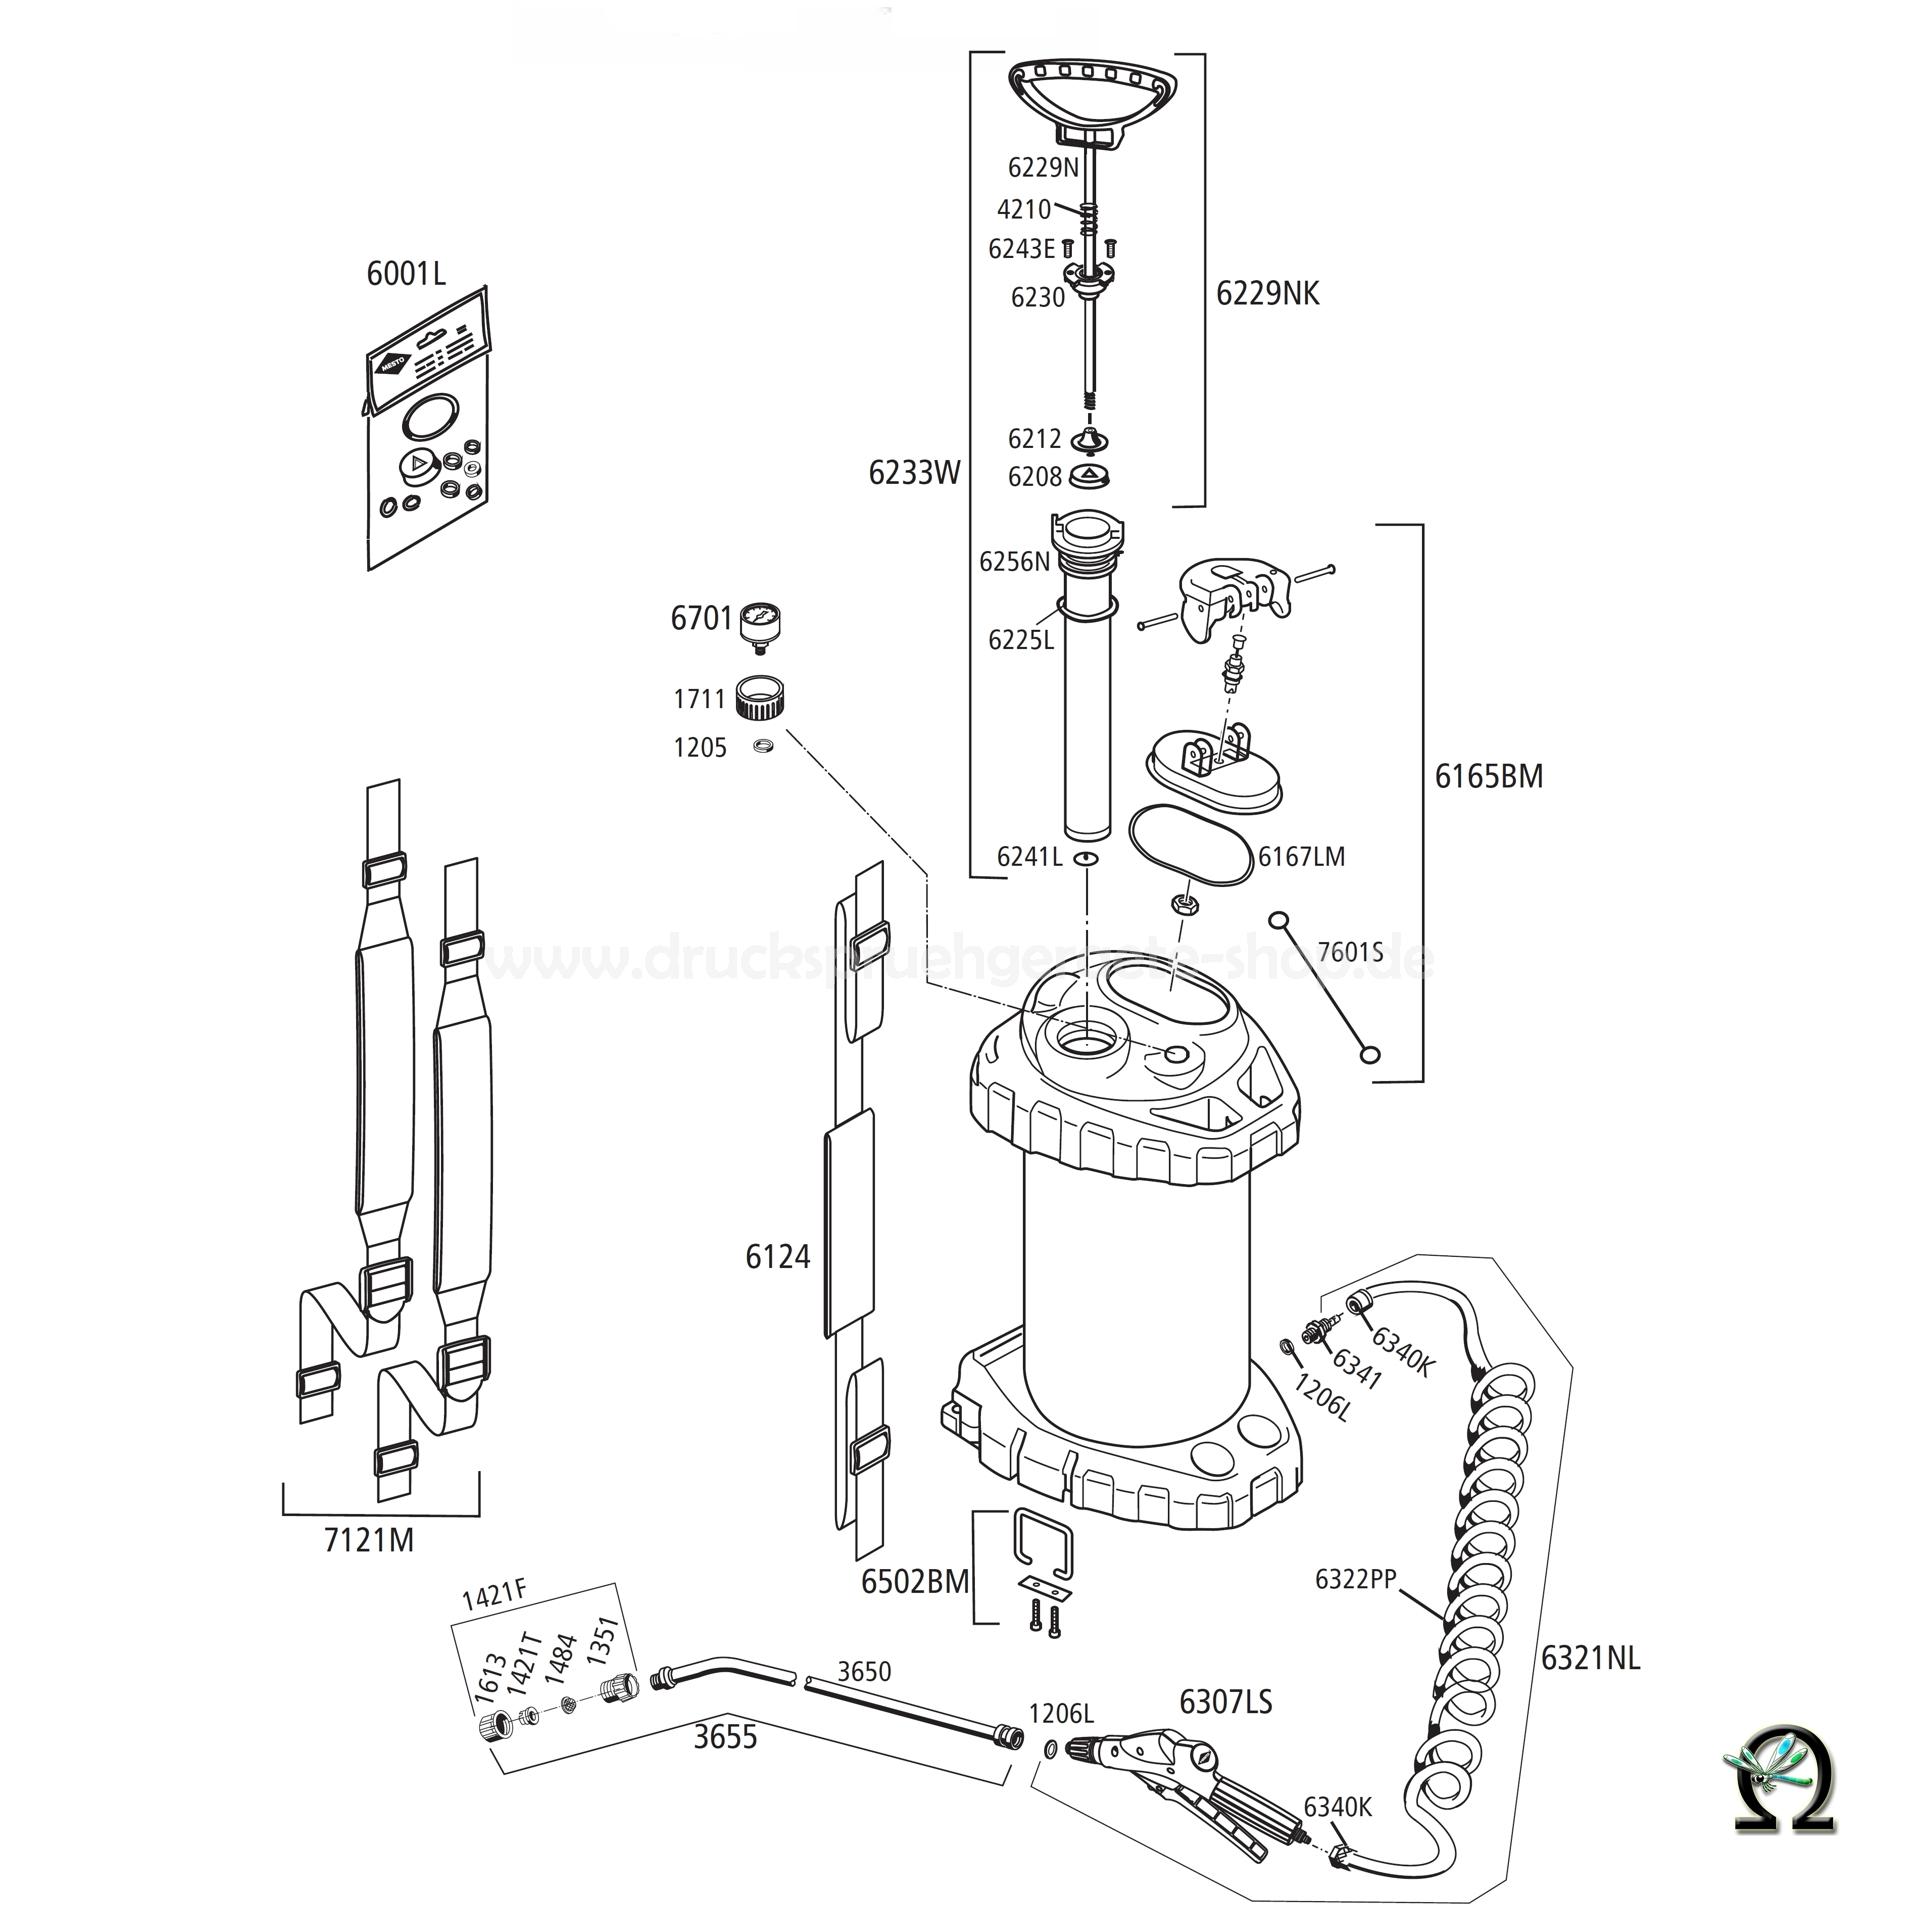 MESTO Edelstahl-Hochdrucksprühgerät 3618P mit FPM-Dichtungen - 10 Liter, Zeichnung der Einzelteile